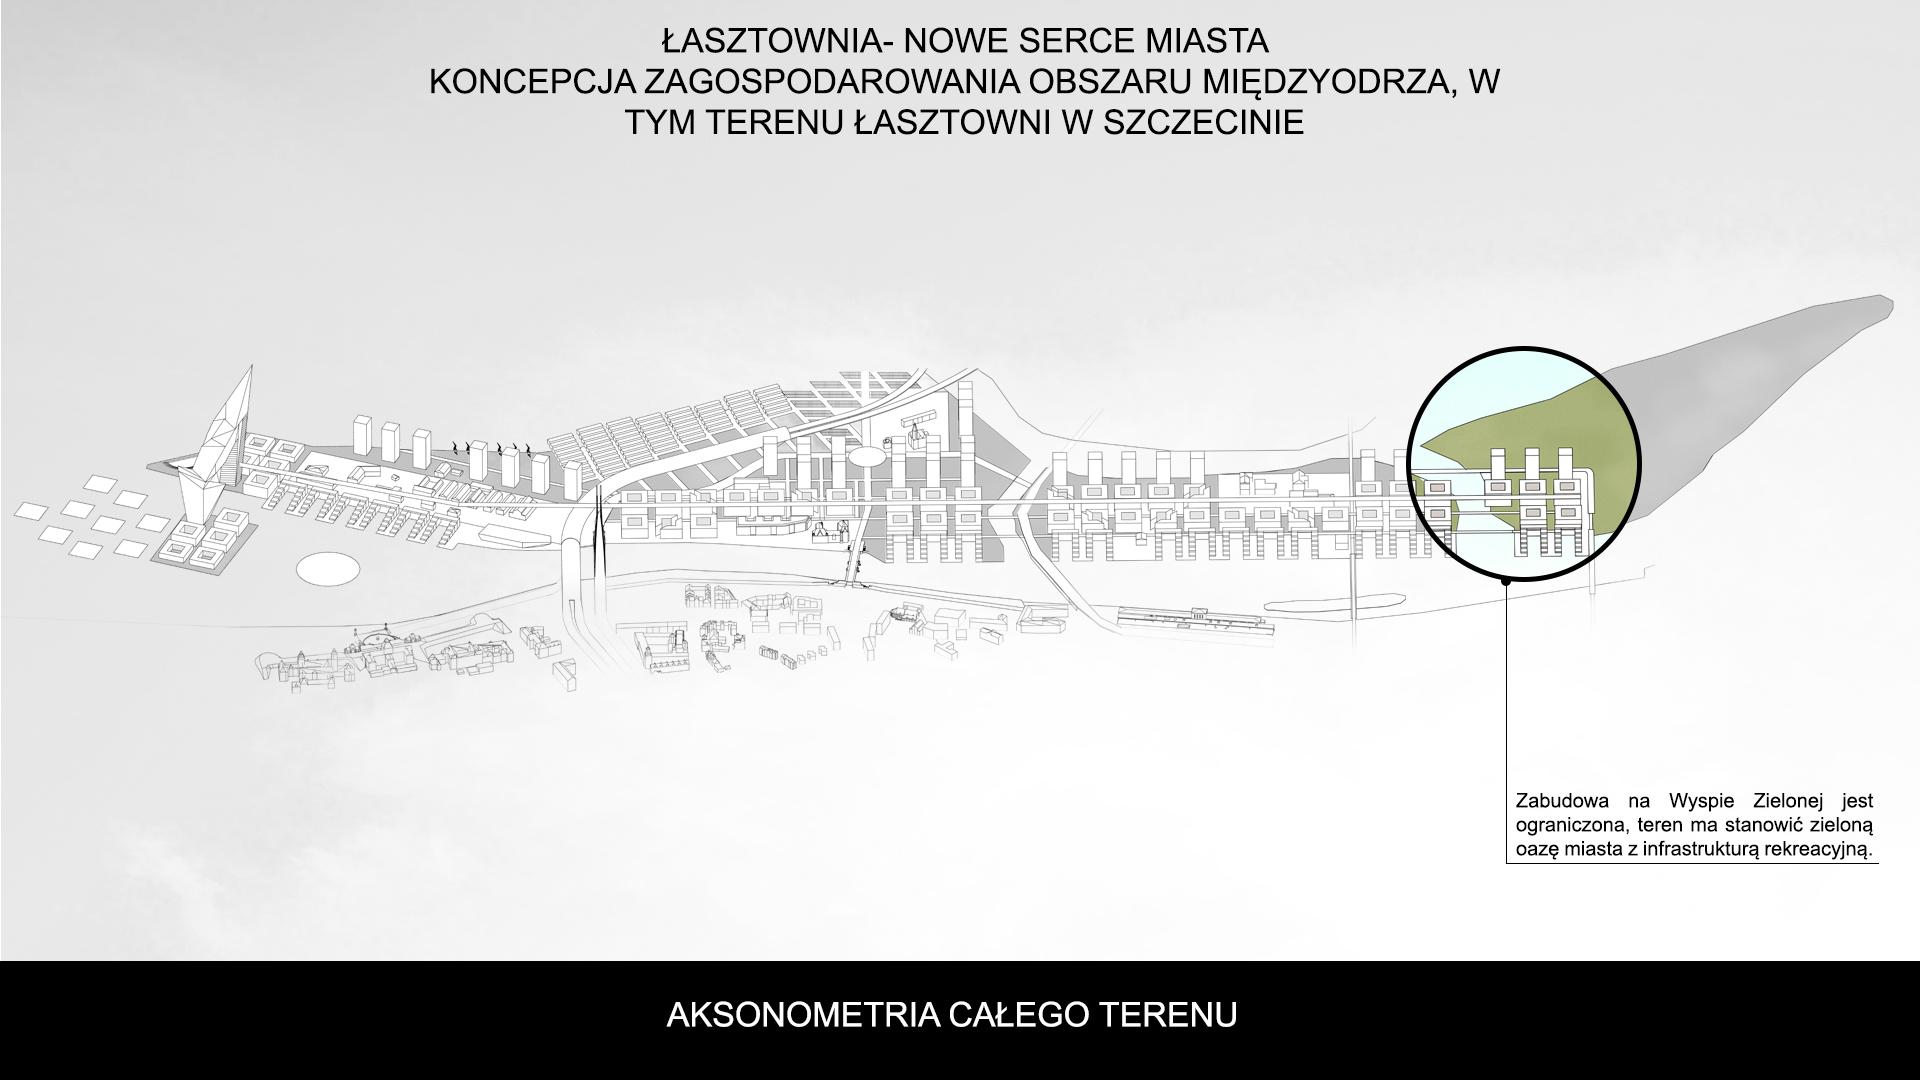 Nowe Serce Miasta - aksonometria 6